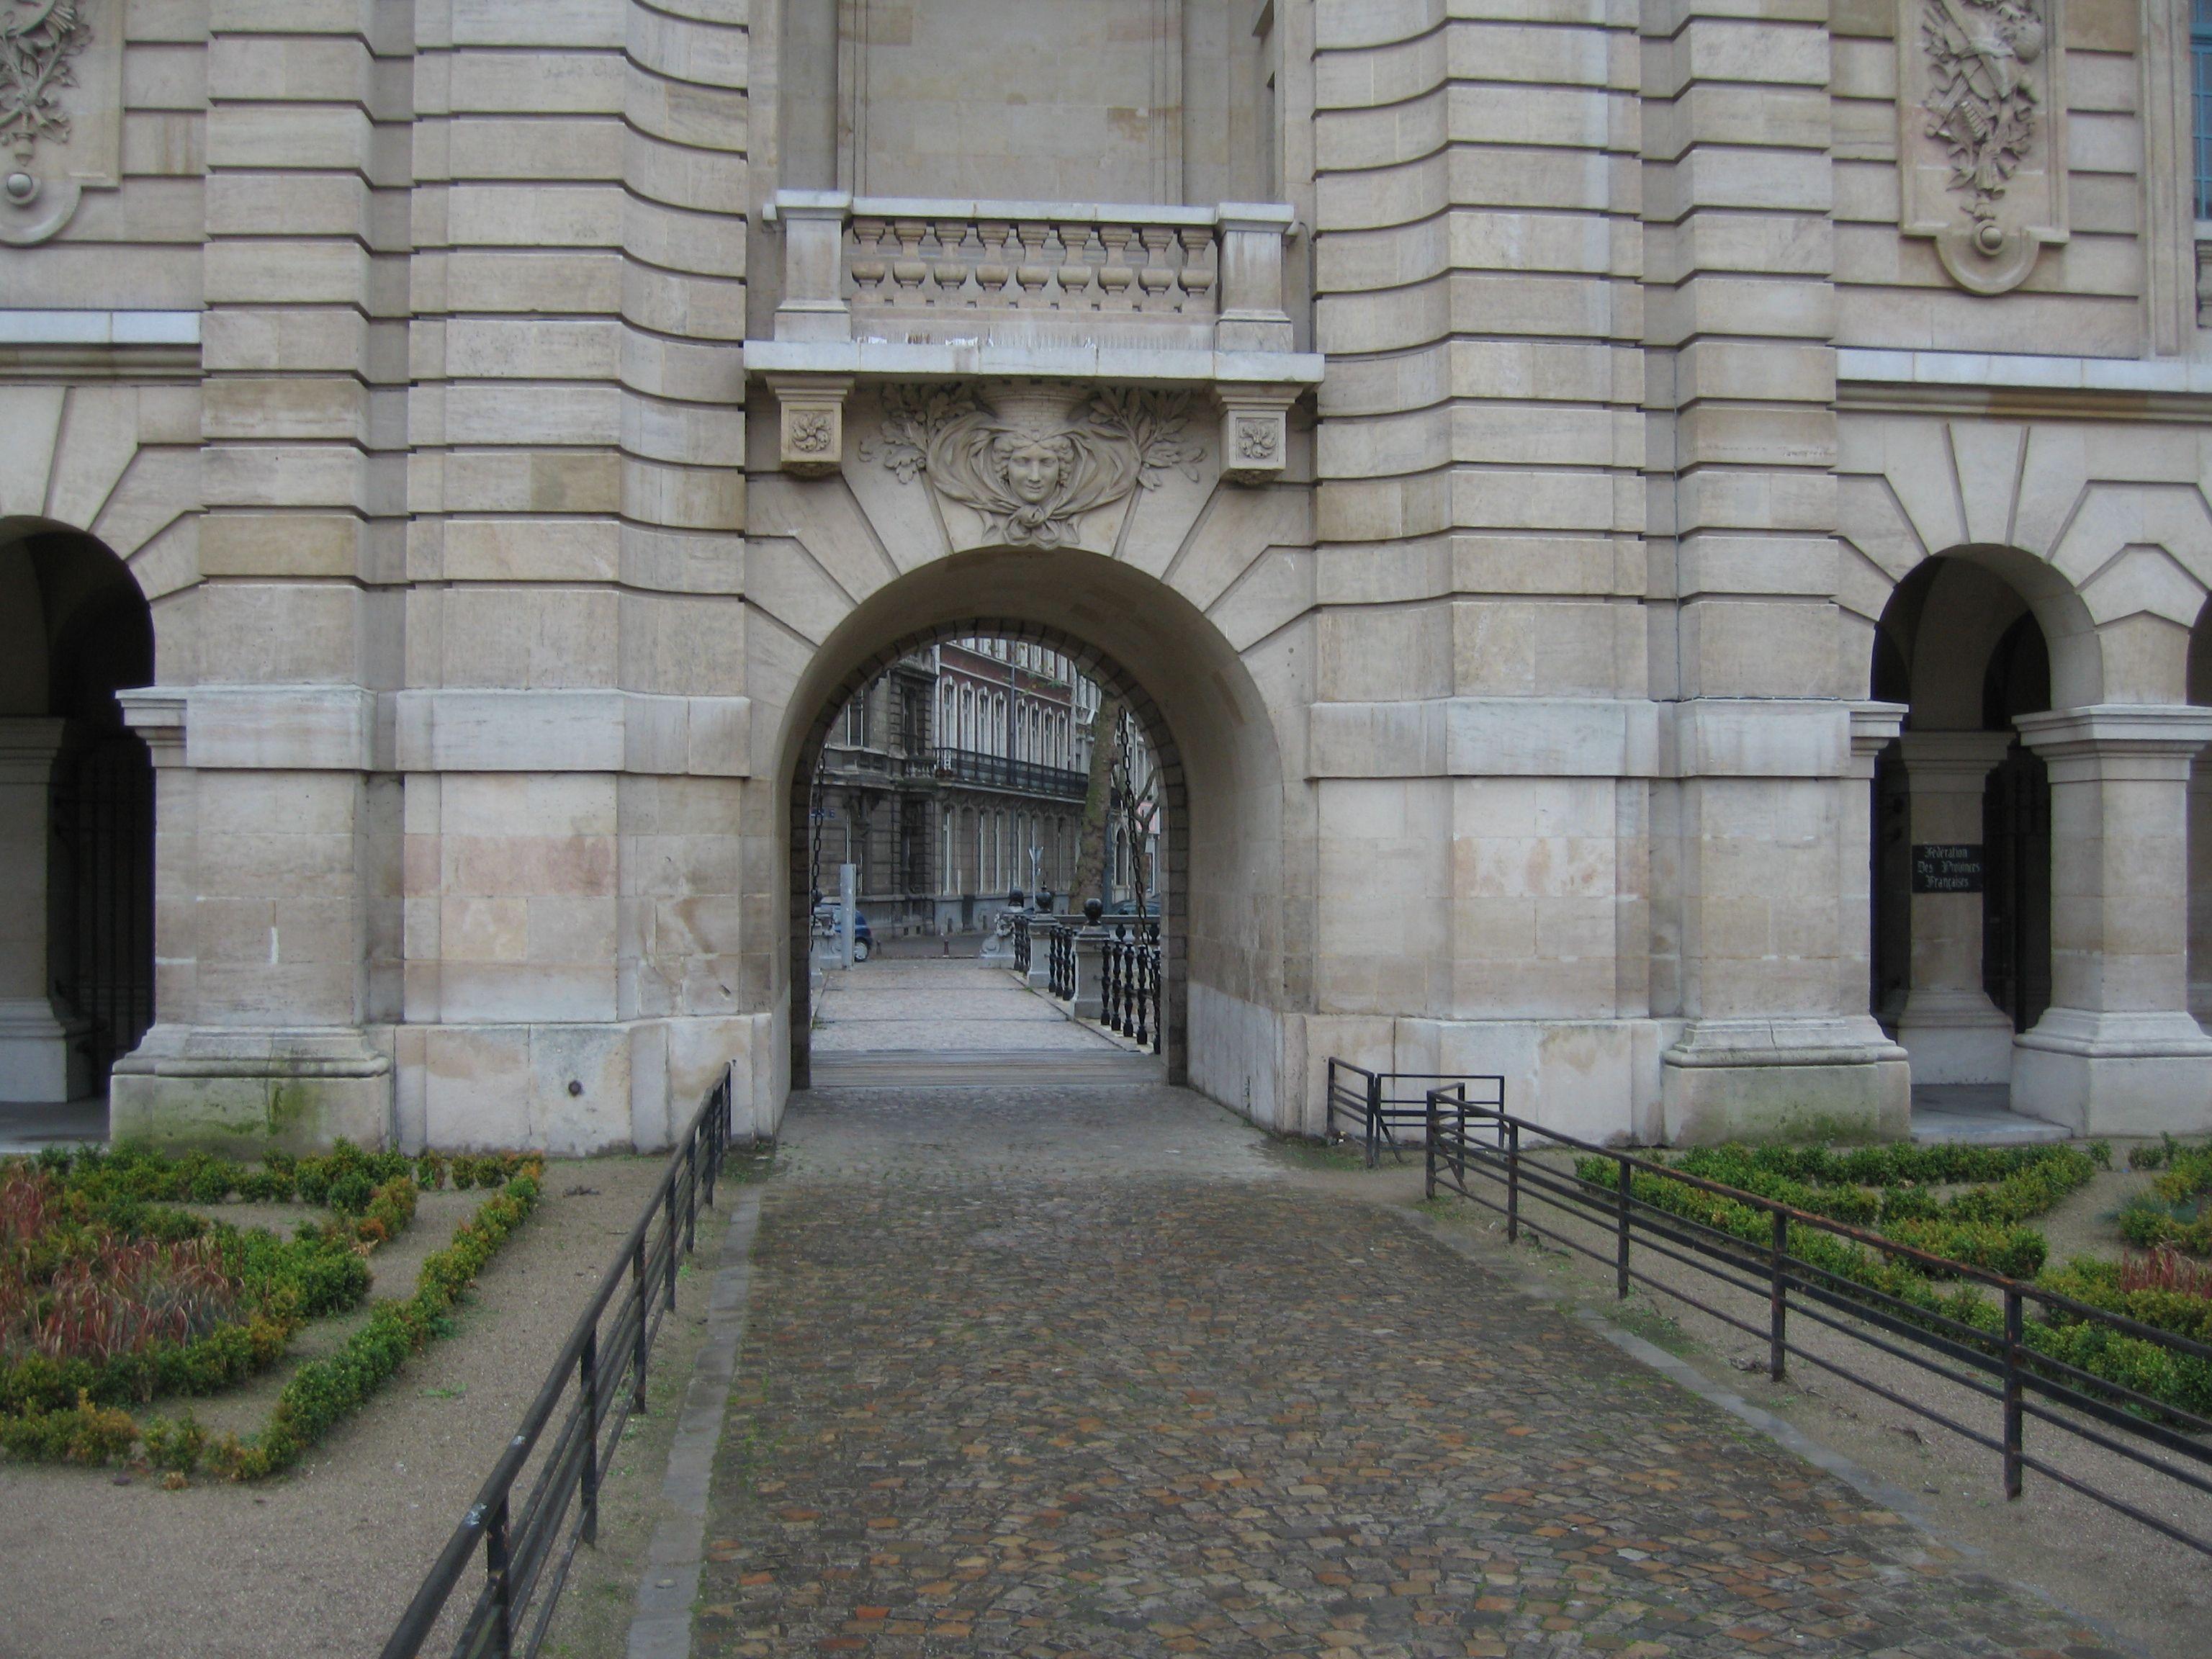 France Lille Port De Paris City Gate Louis Xiv Triumphal Arch Now An Island In Centre Of Busy Roundabout Traffic Circle And Paris City Formal Gardens De Paris